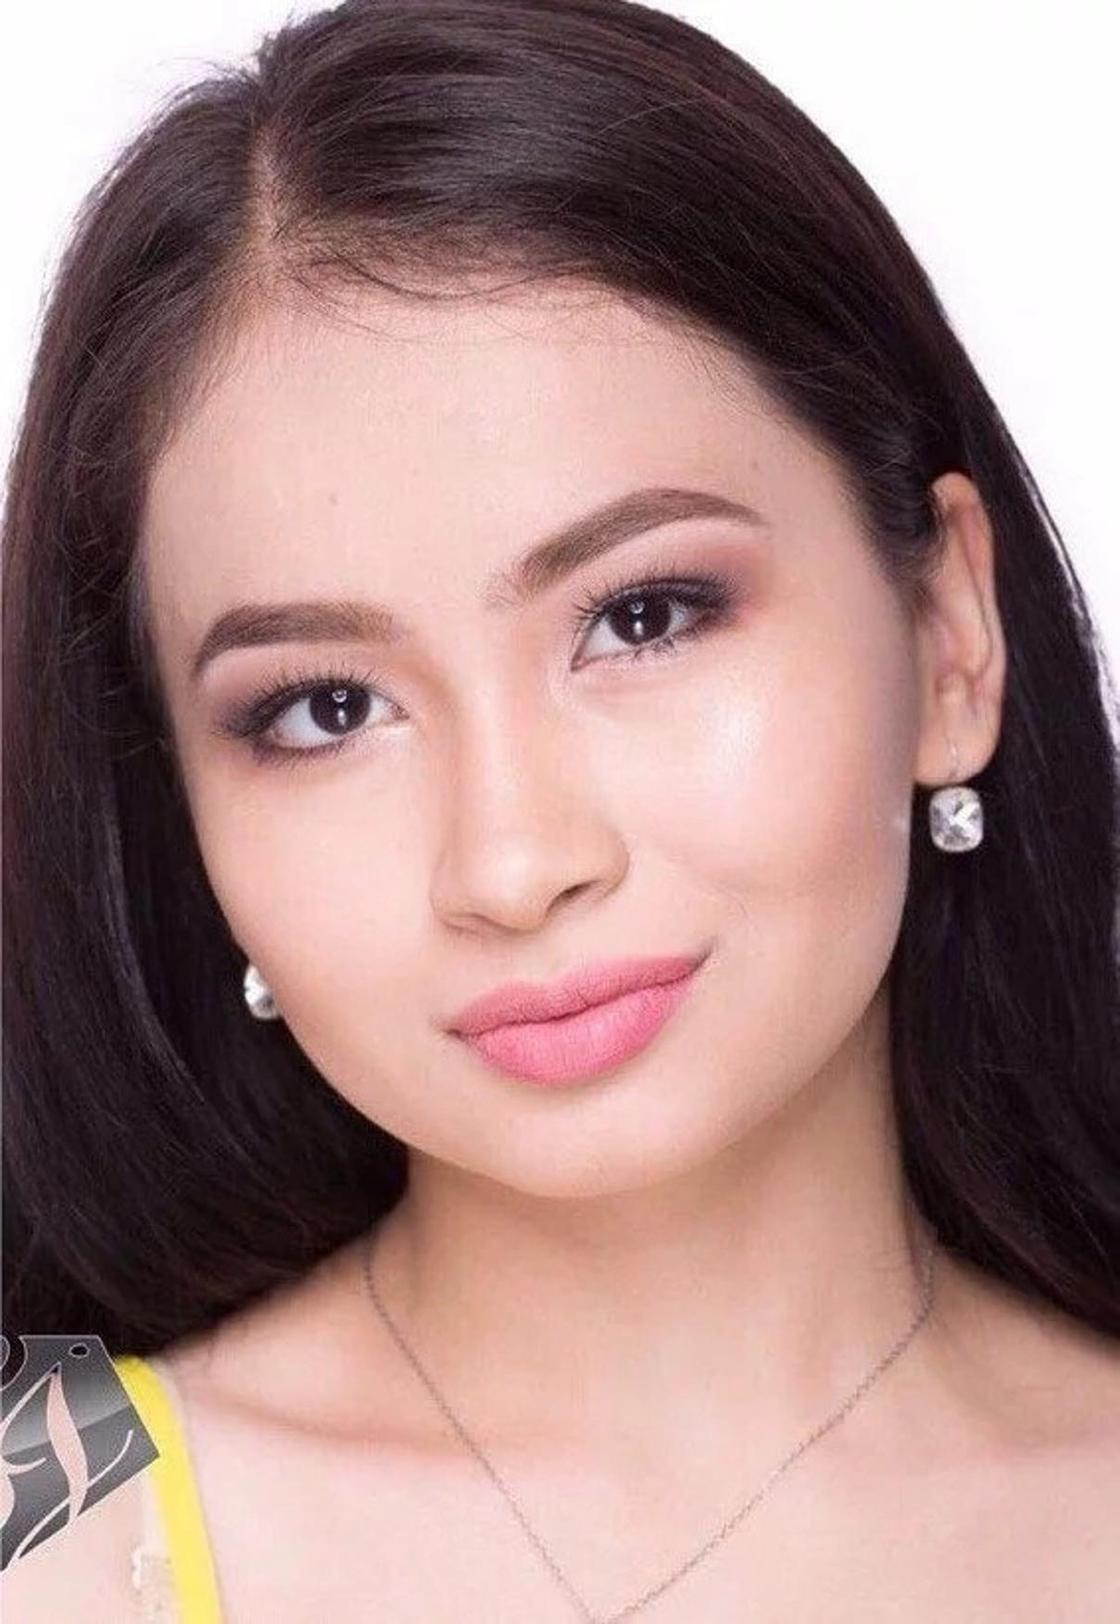 Астана және Ақмола облысы: Балғожина Жәния, 21 жаста (7232 дауыс) - Miss Virtual Astana